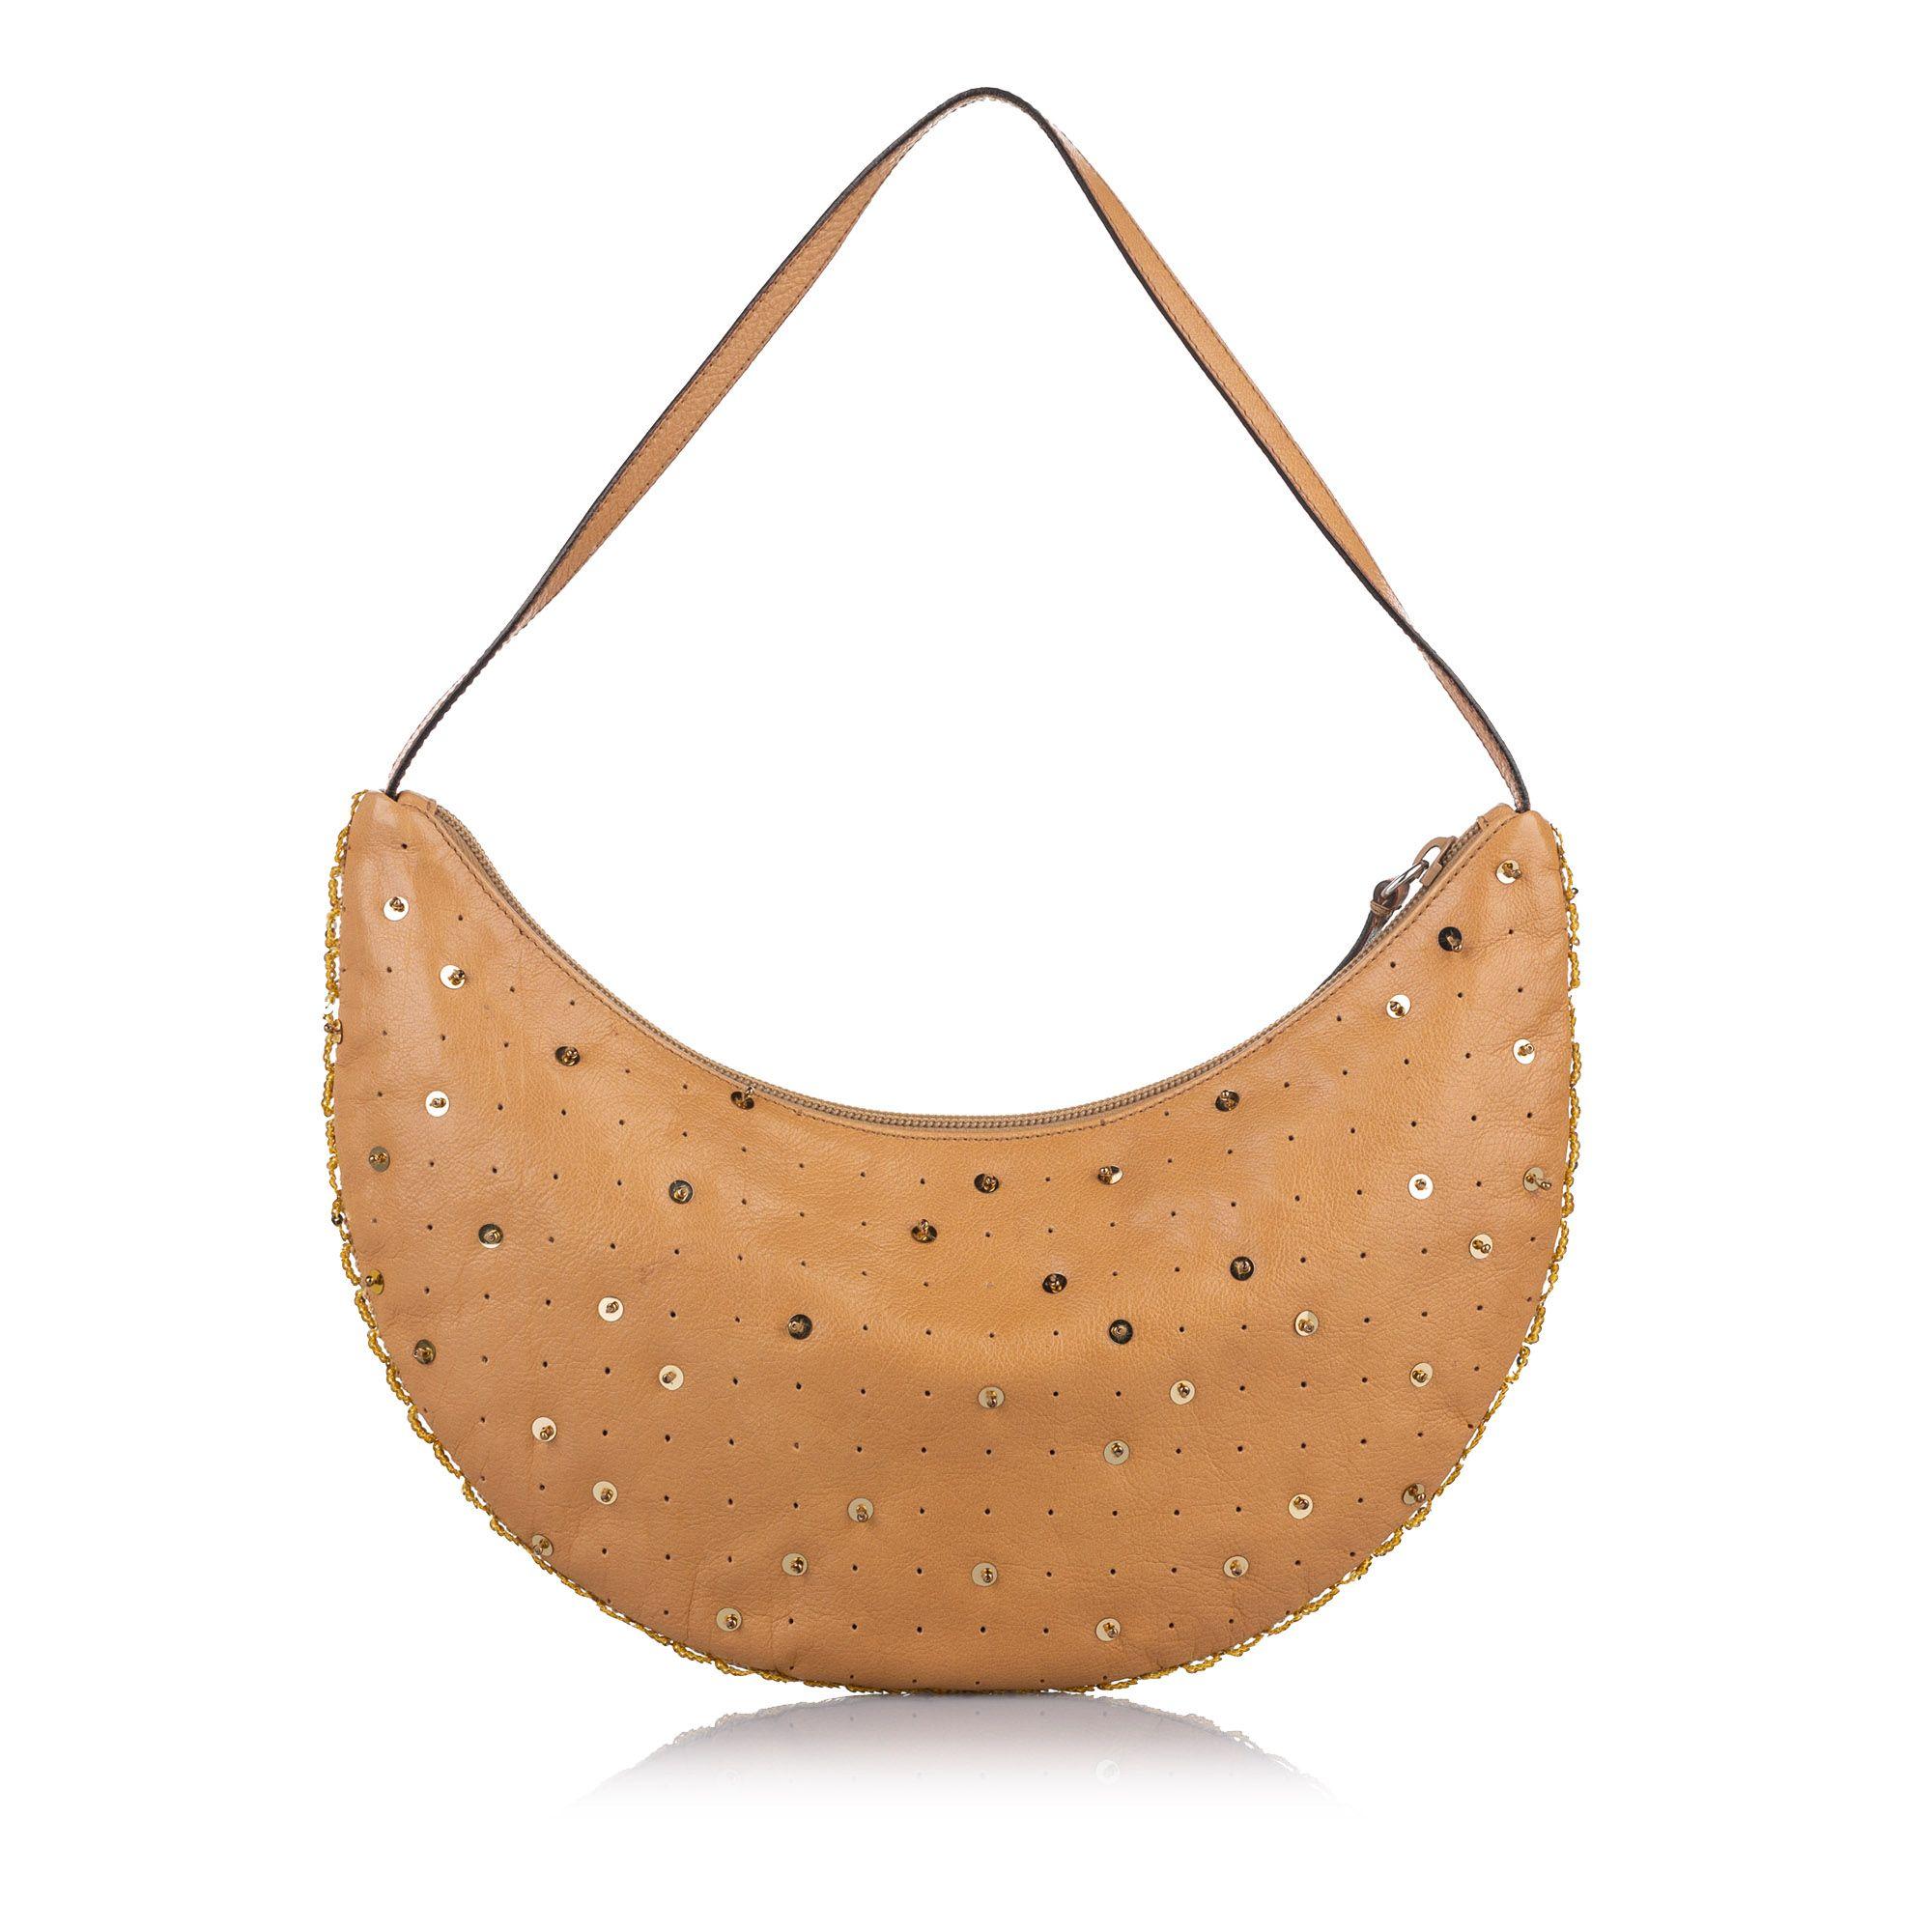 Vintage Miu Miu Embellished Leather Baguette Brown